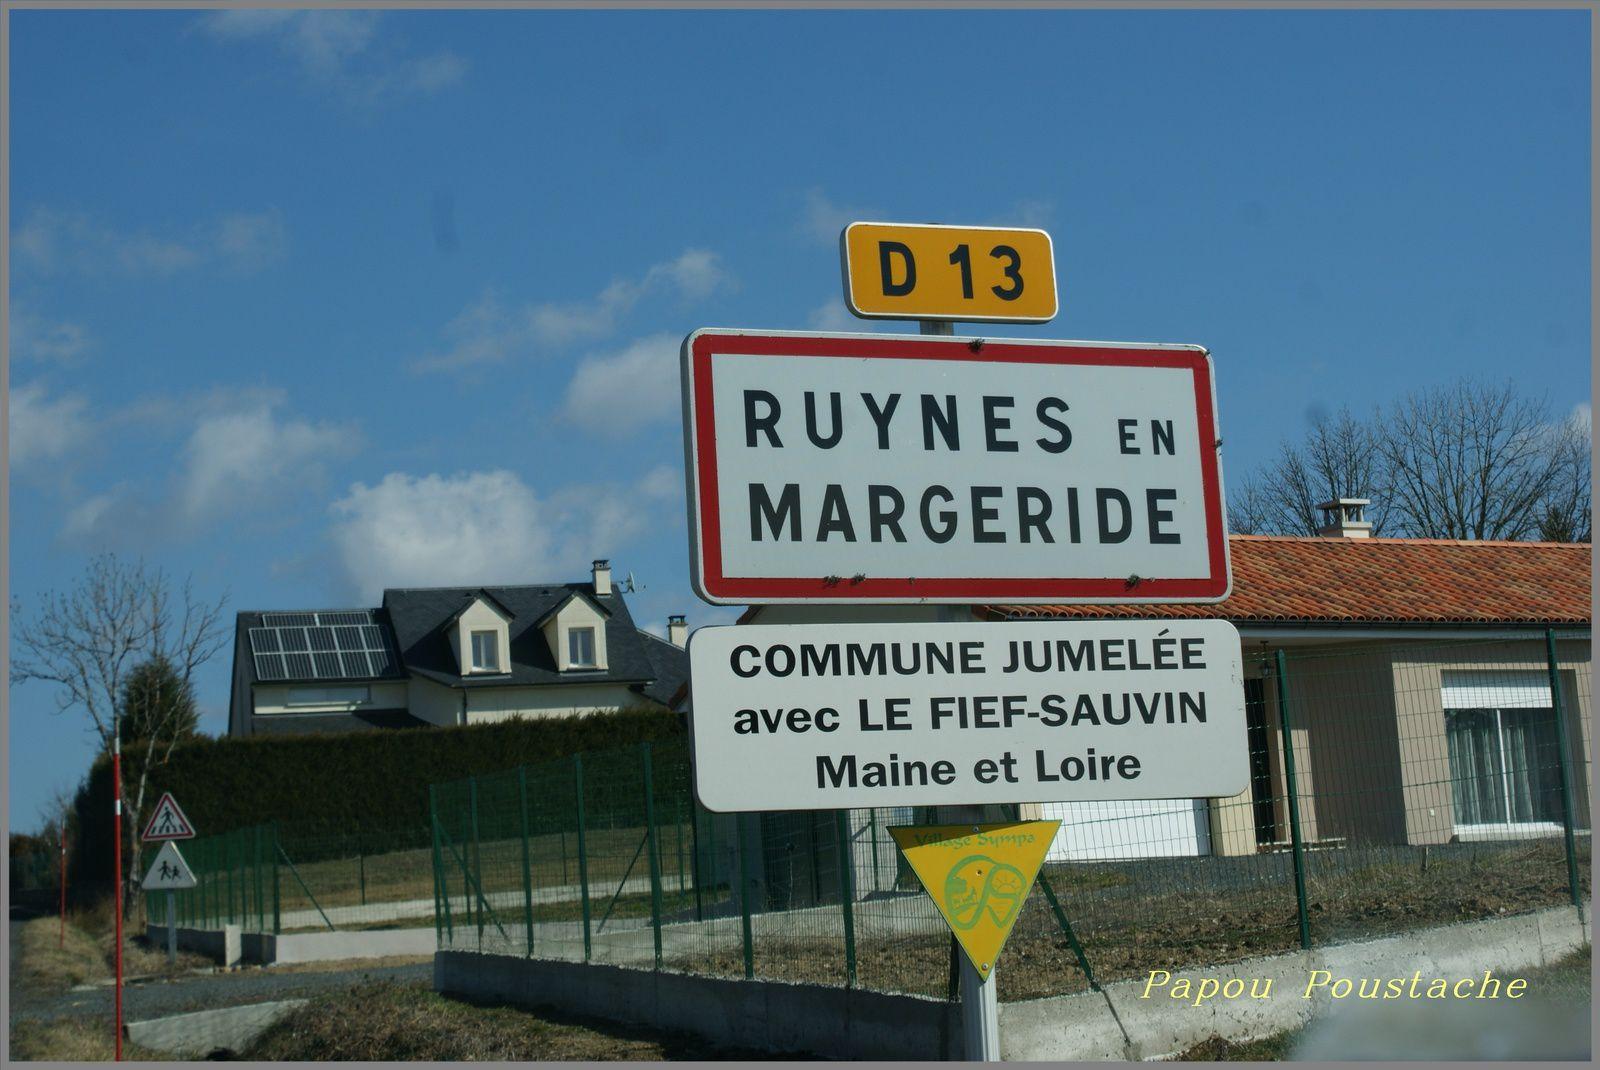 Ruyne en Margeride